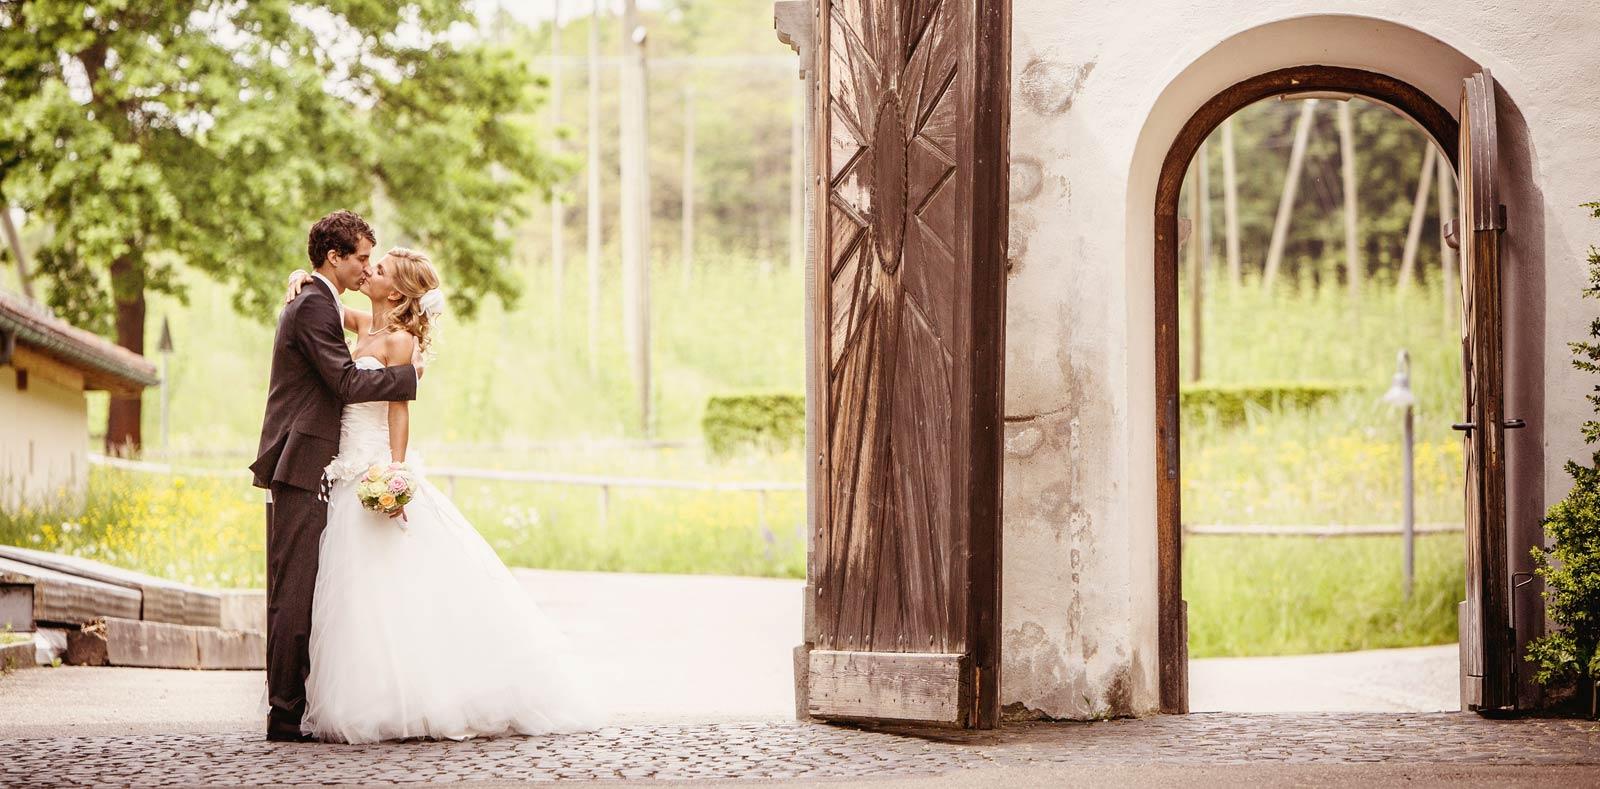 Hochzeitsfotograf Schweiz – so findest du den besten